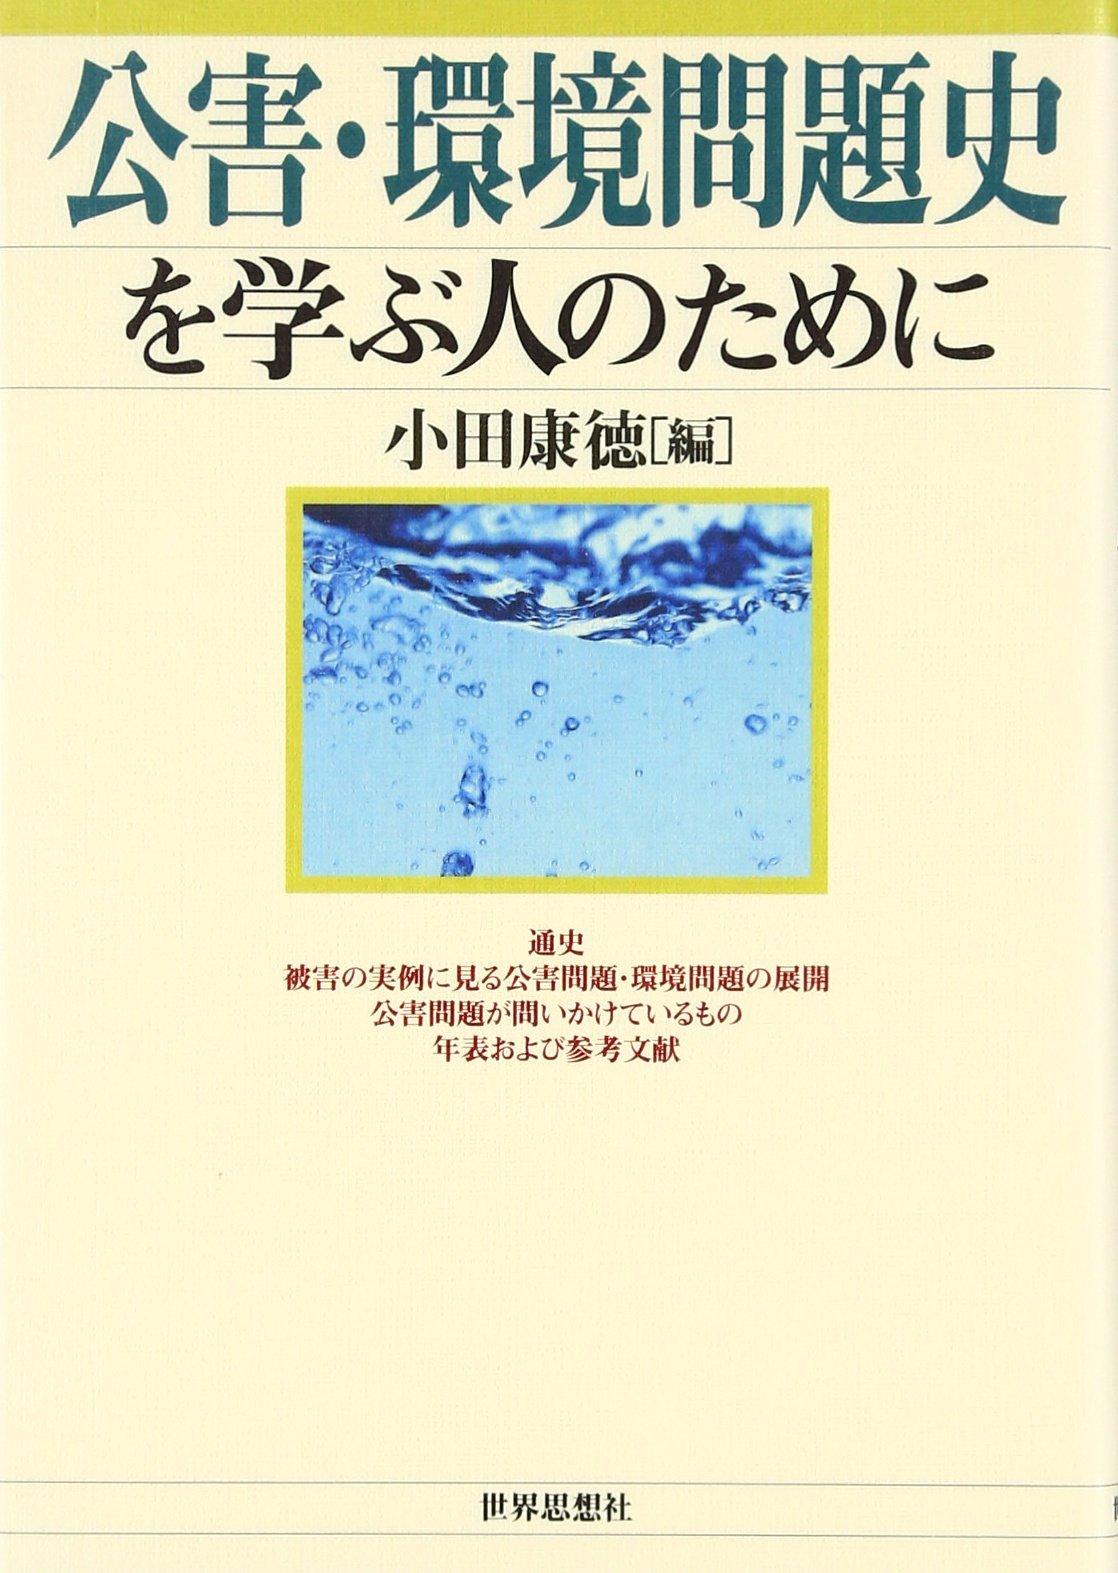 公害・環境問題史を学ぶ人のために | 康徳, 小田 |本 | 通販 | Amazon